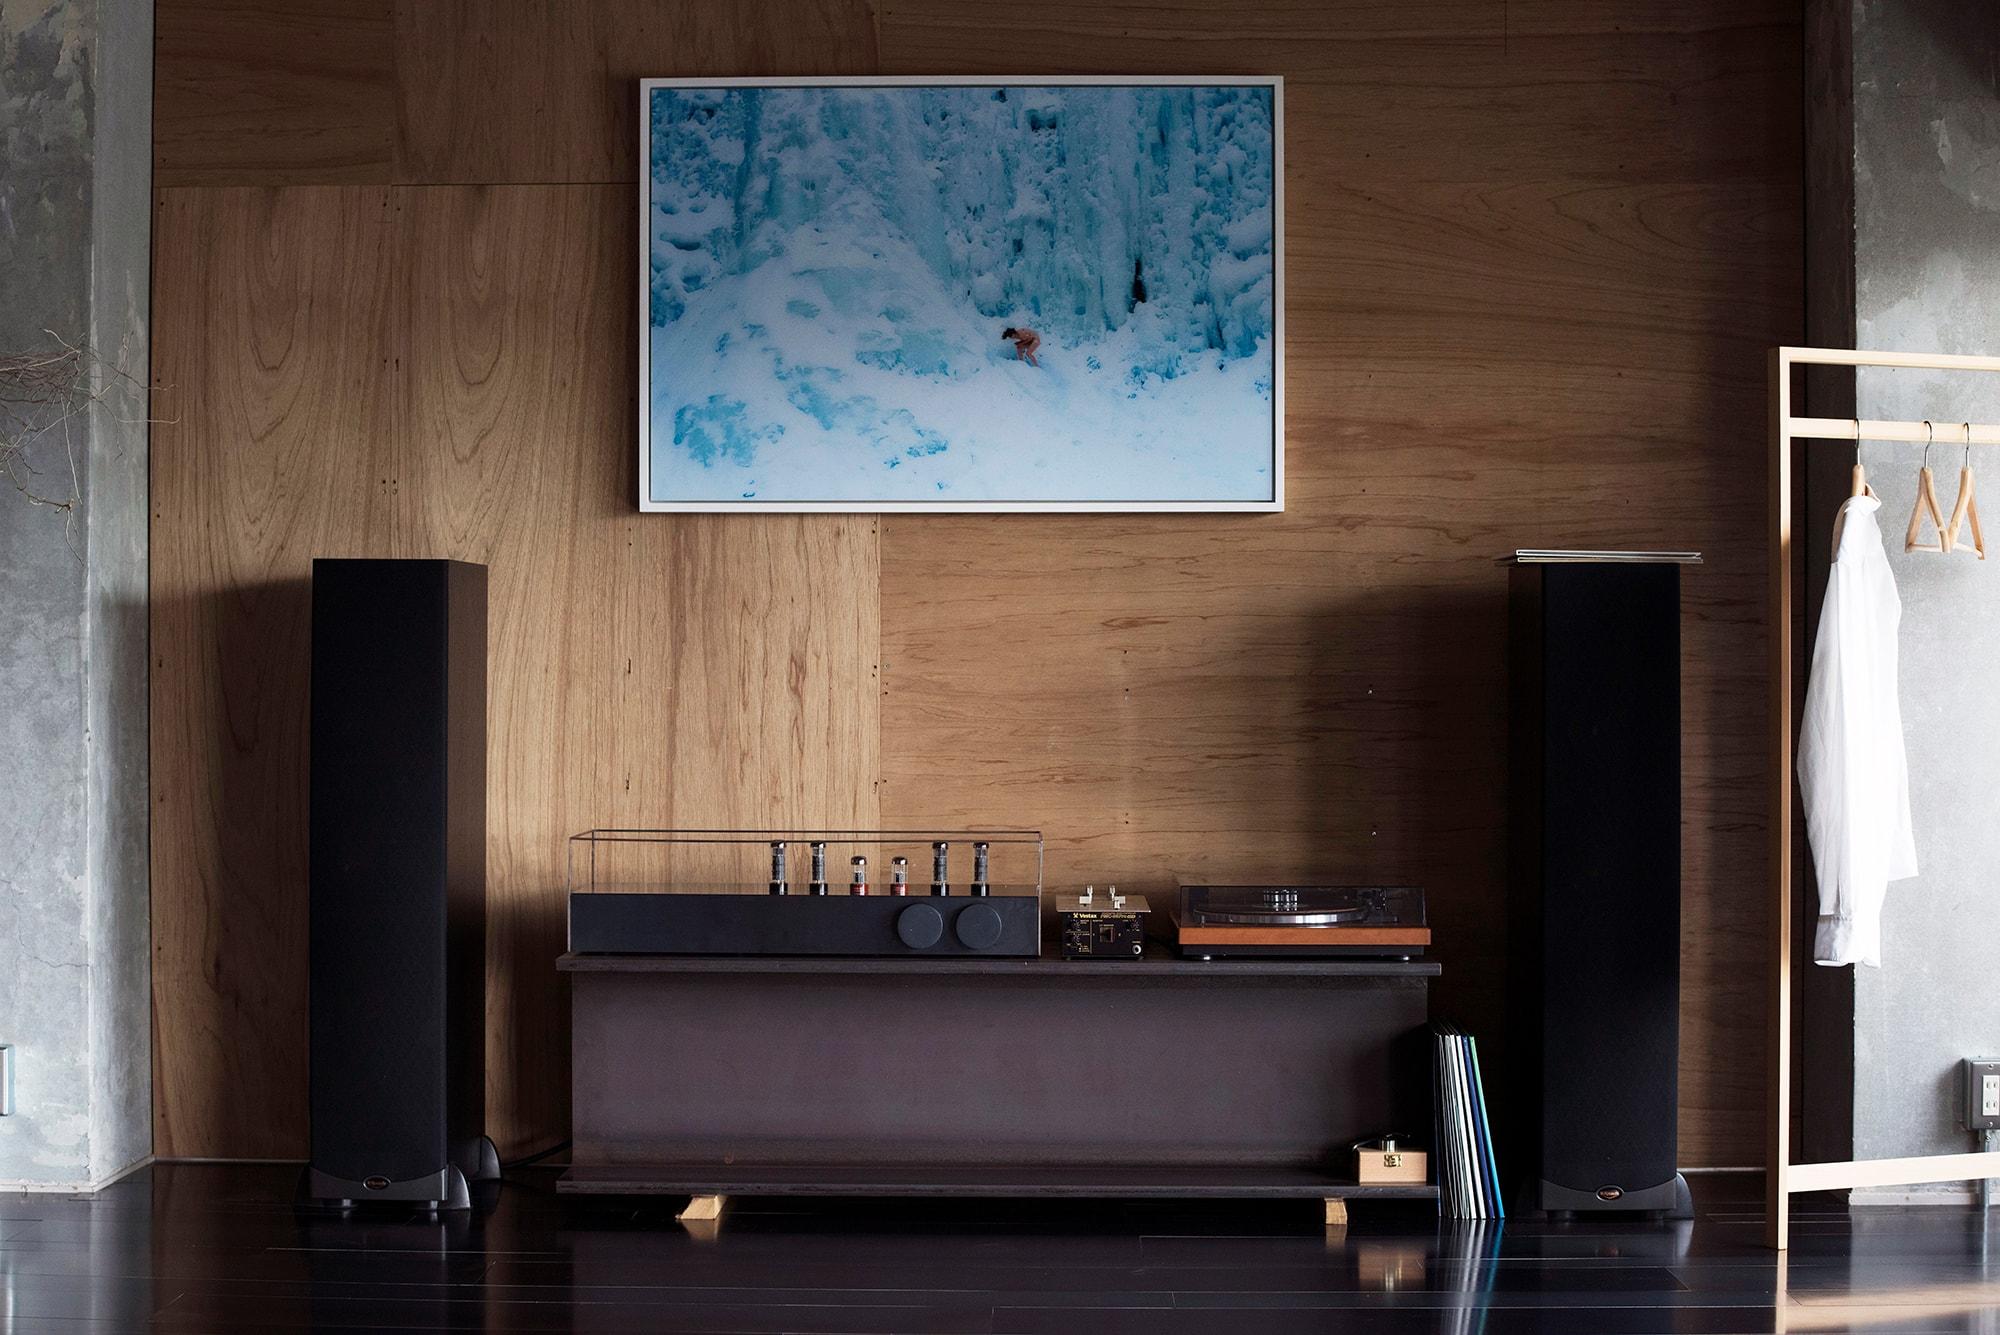 わたしの一枚 vol.1 谷尻誠 | 自宅のリビングルームに飾られたライアン・マッギンレーの作品